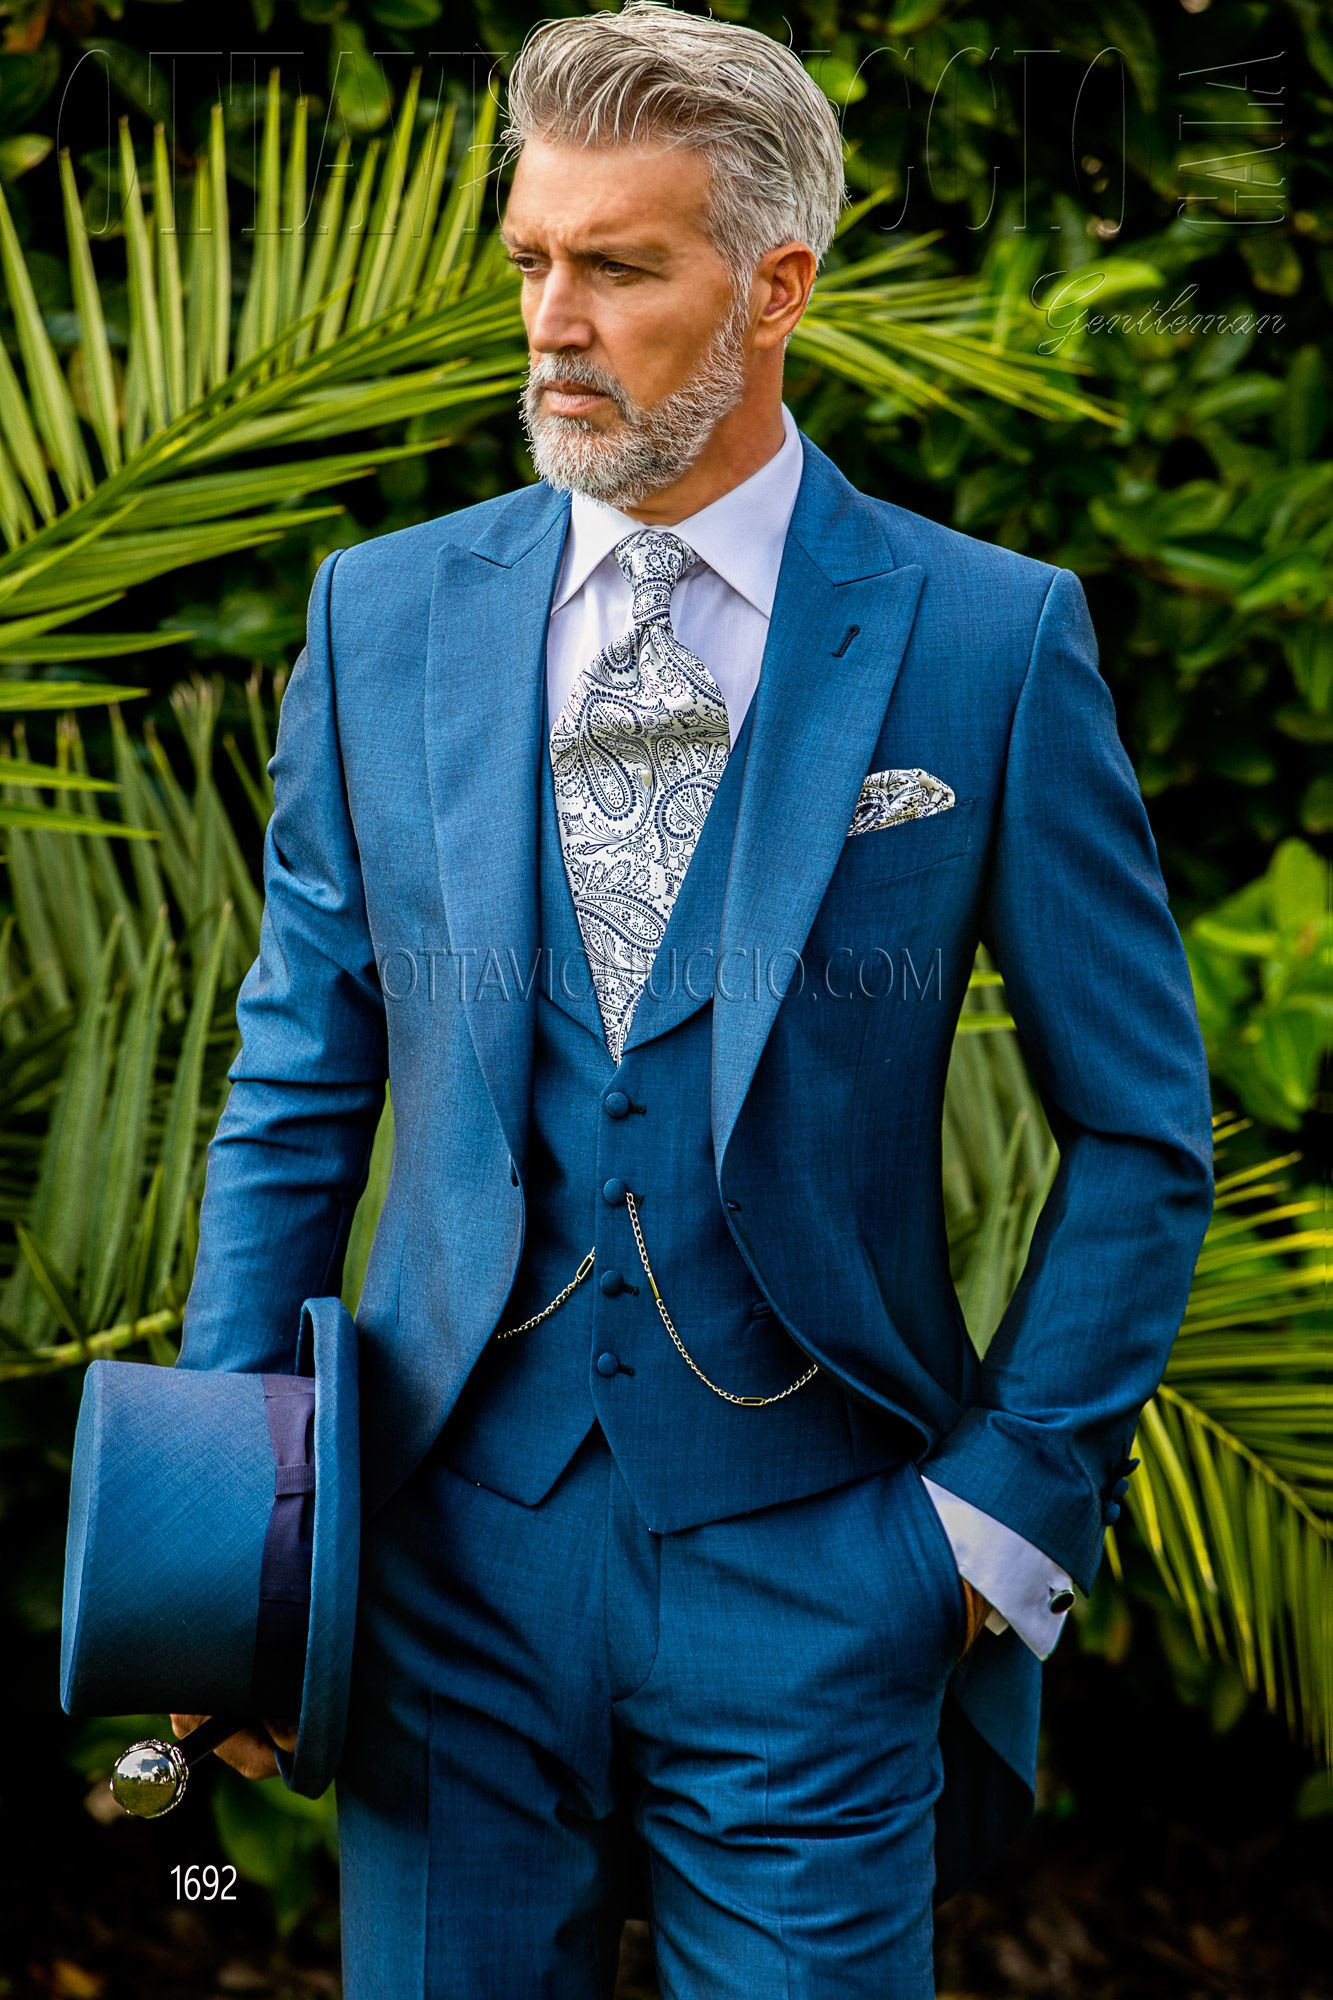 Pin by Ronald Matthews Jr. on Suit Up | Pinterest | Dapper men ...